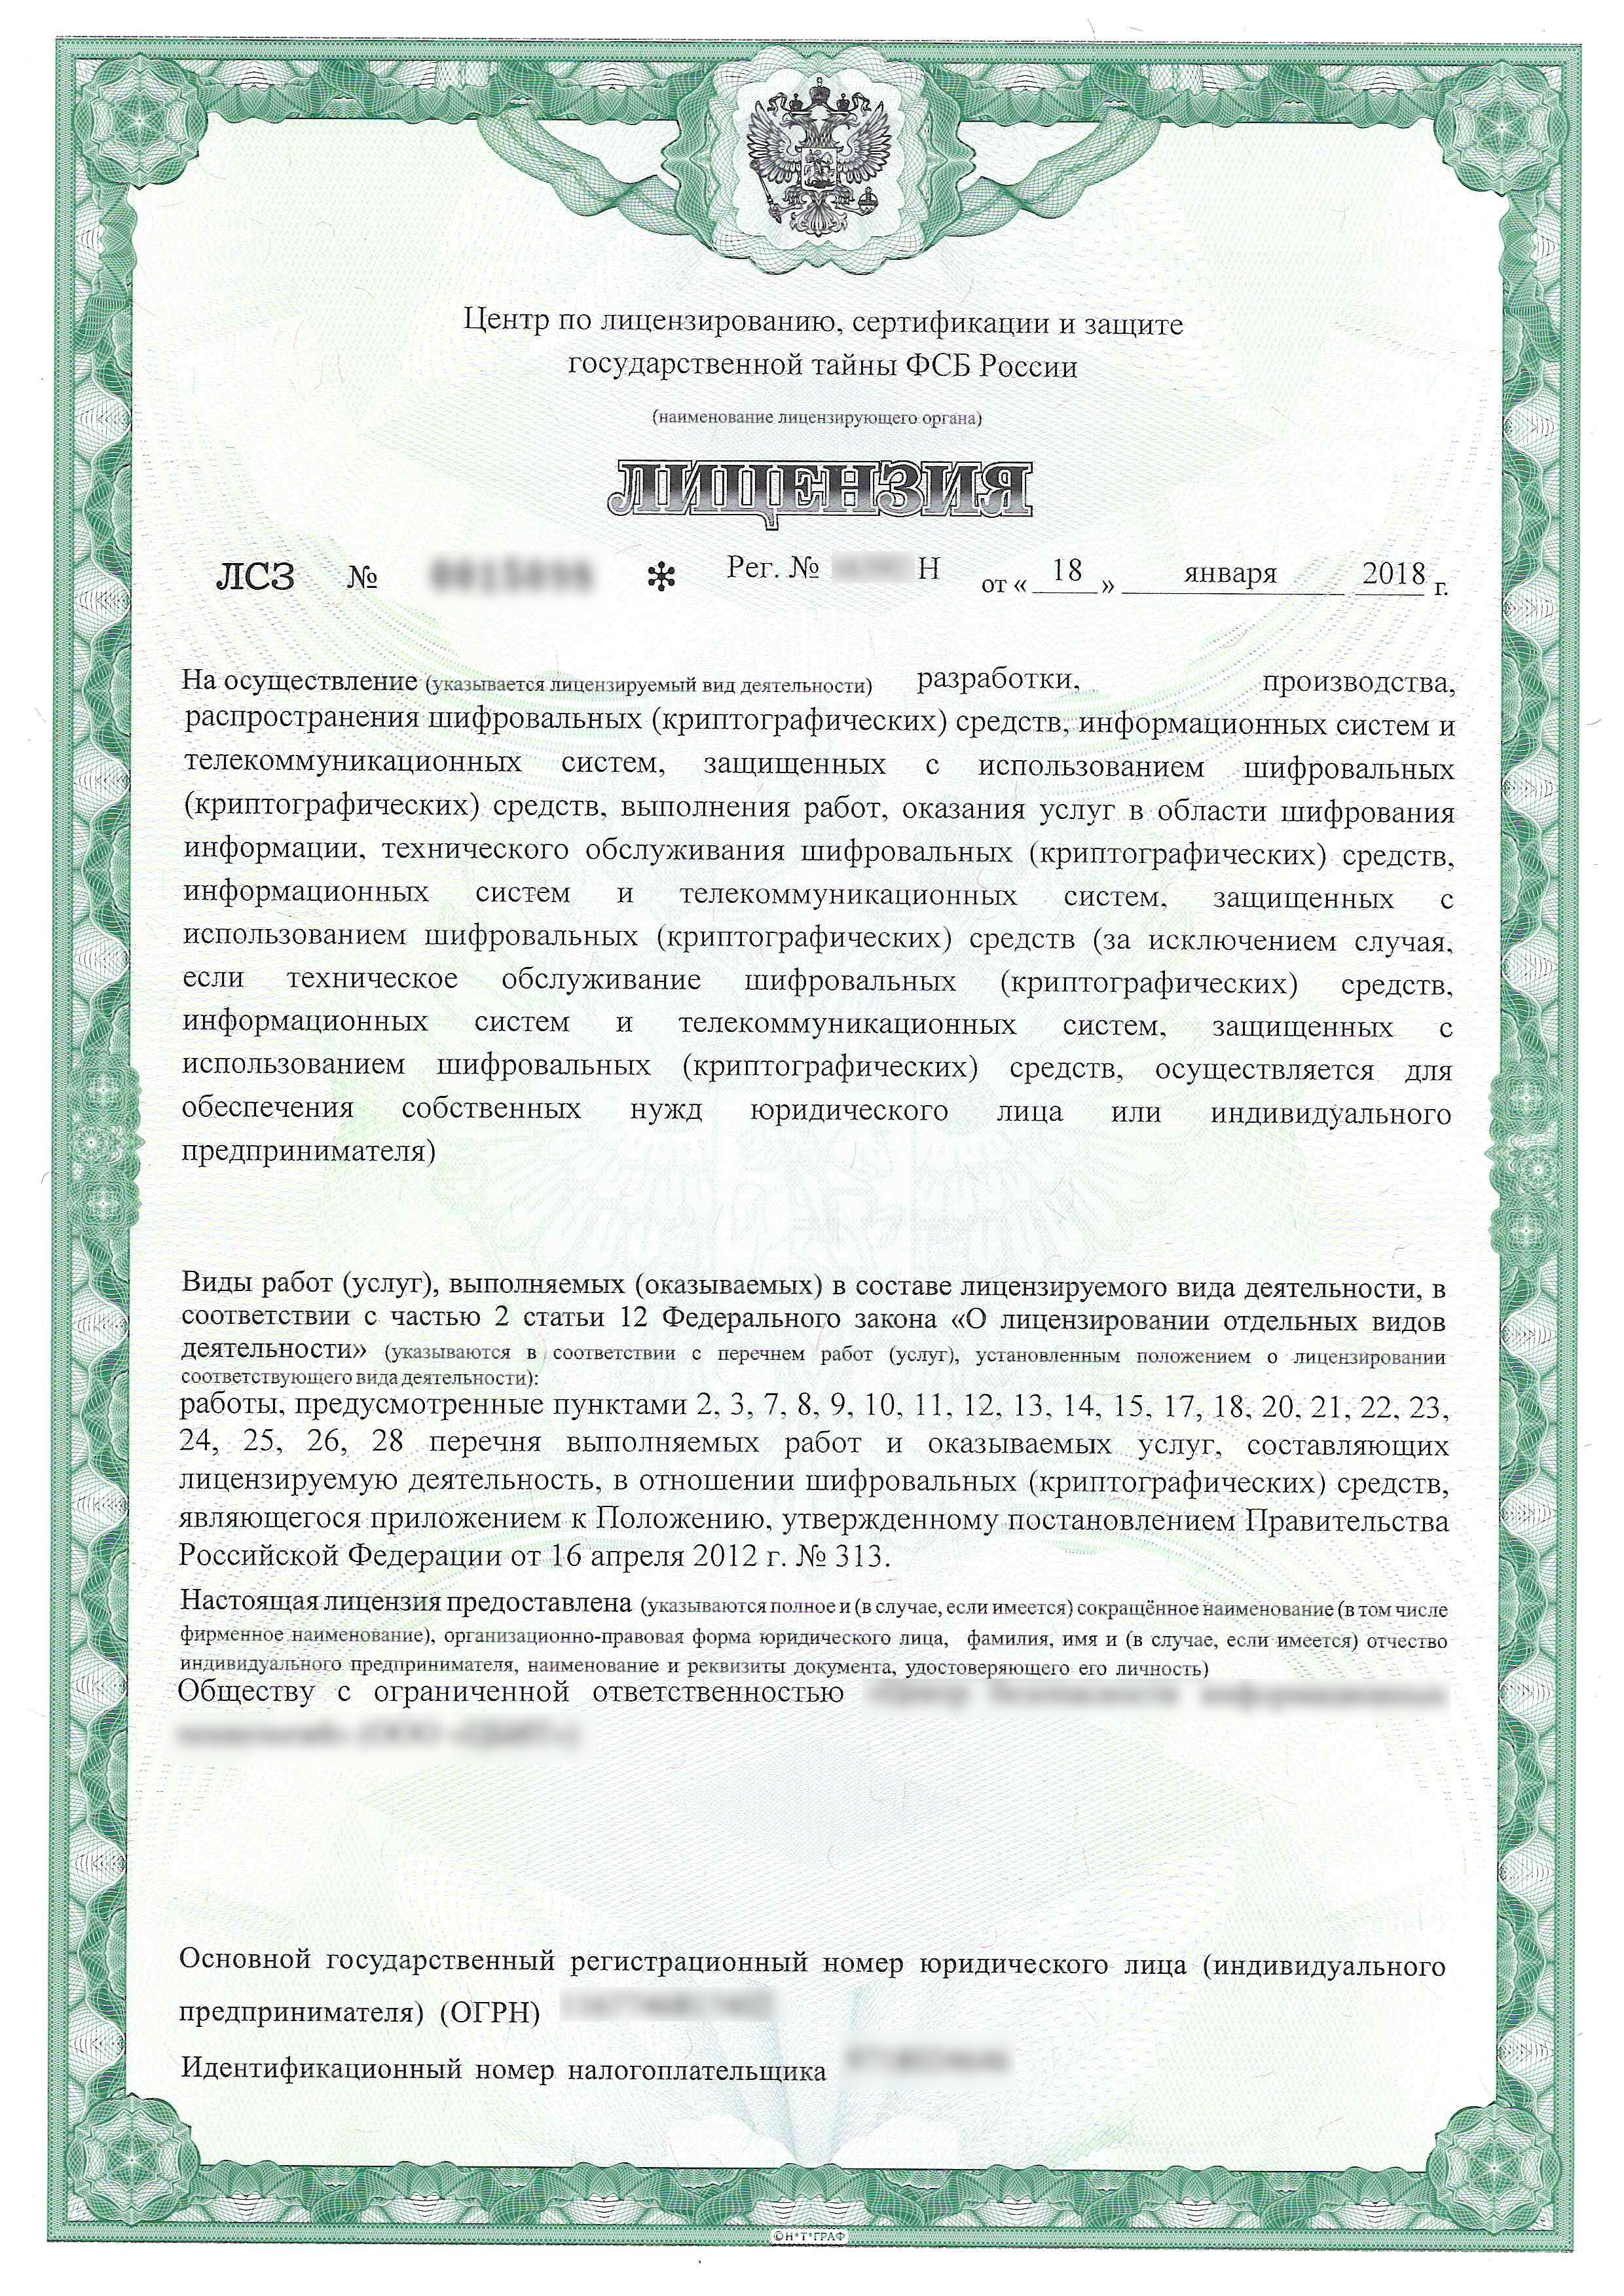 Лицензия ФСБ России на деятельность по разработке, производству, распространению шифровальных (криптографических) средств